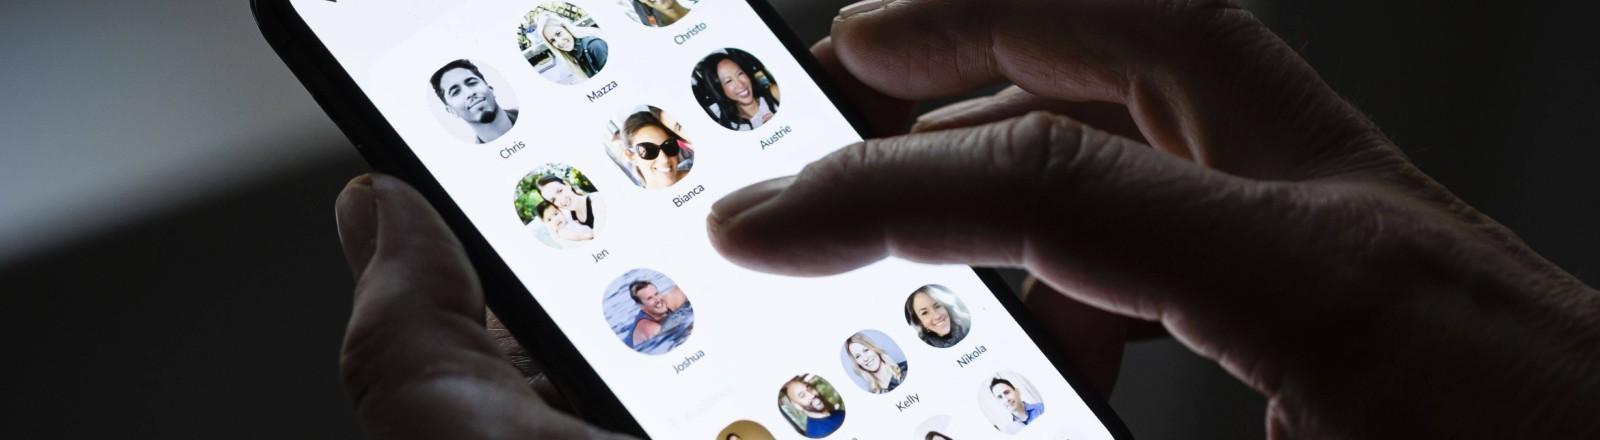 Eine Hand auf dem Smartphone mit der geöffneten Clubhouse-App